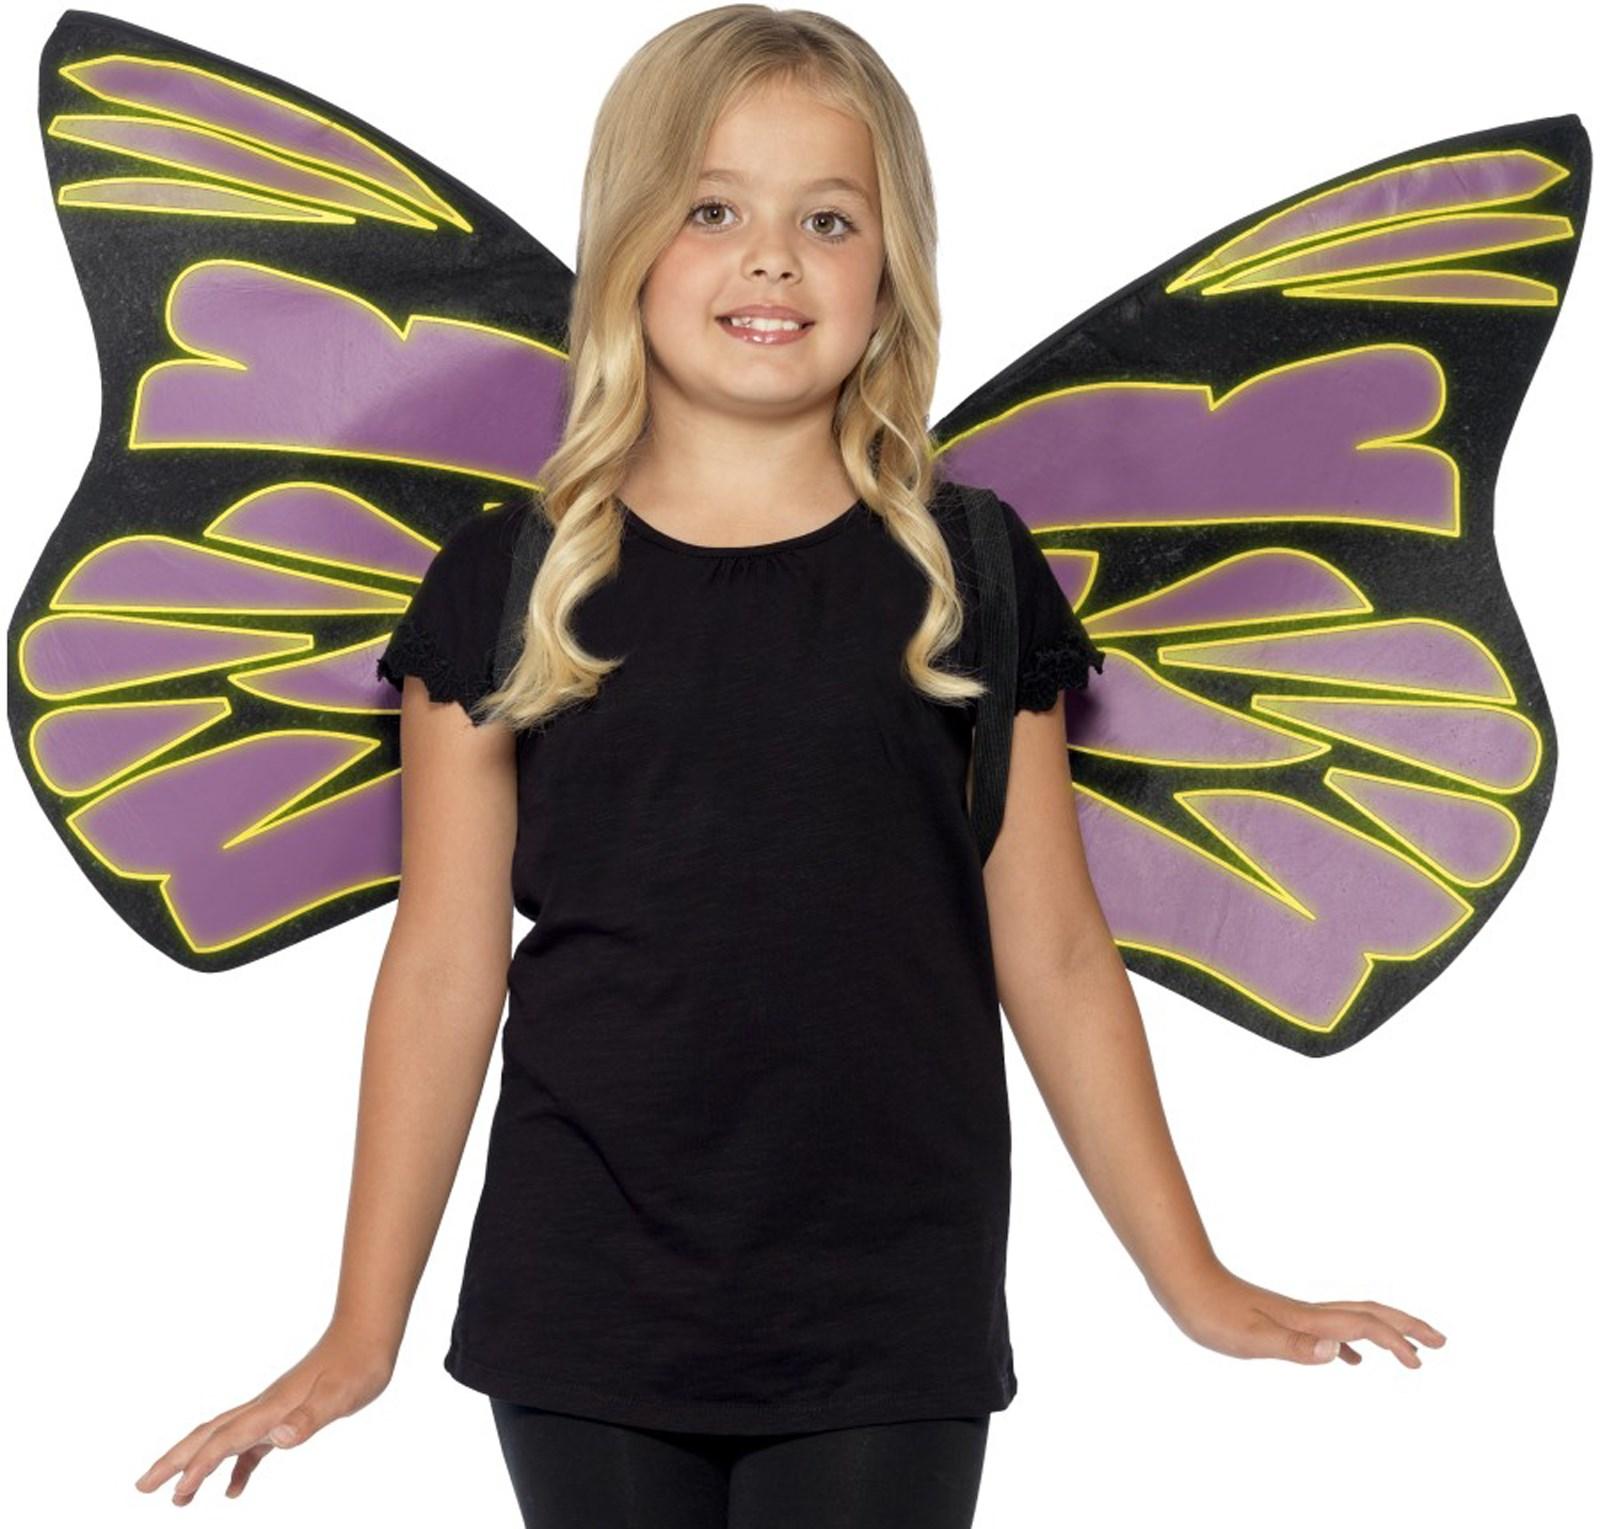 Glow in the Dark Flutter Wings For Girls